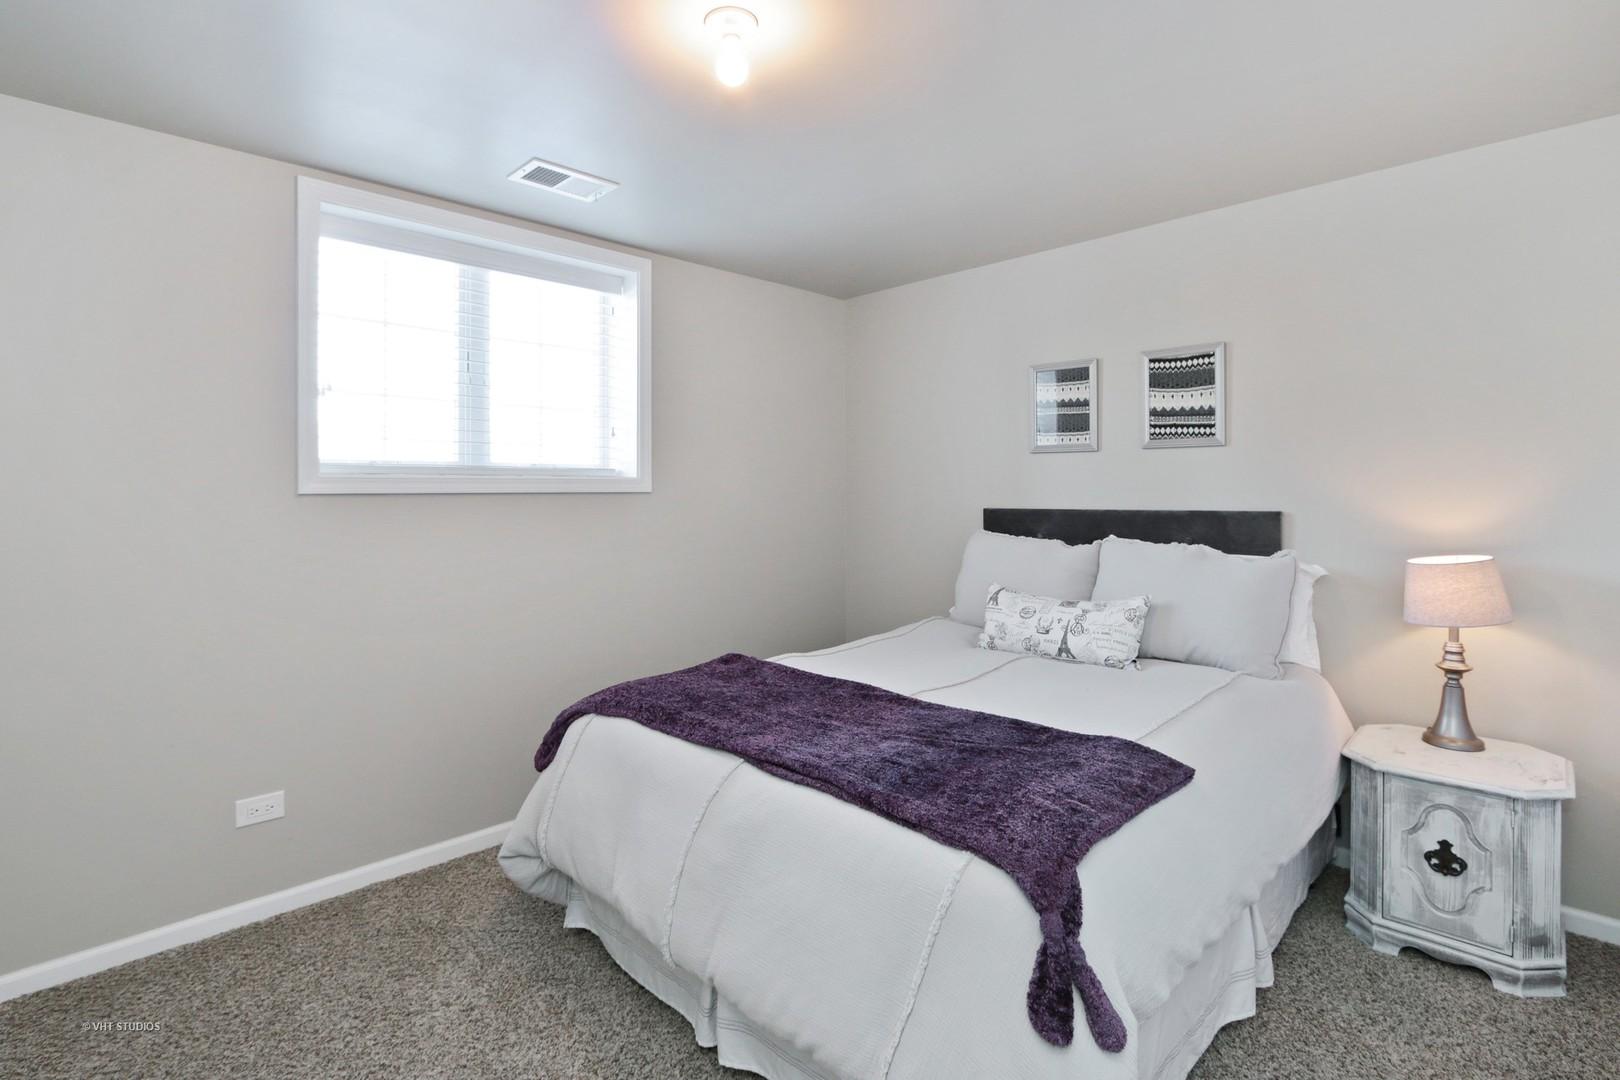 PropertyUP[09974642]|sale| 4 Prairie landings Hawthorn woods ...